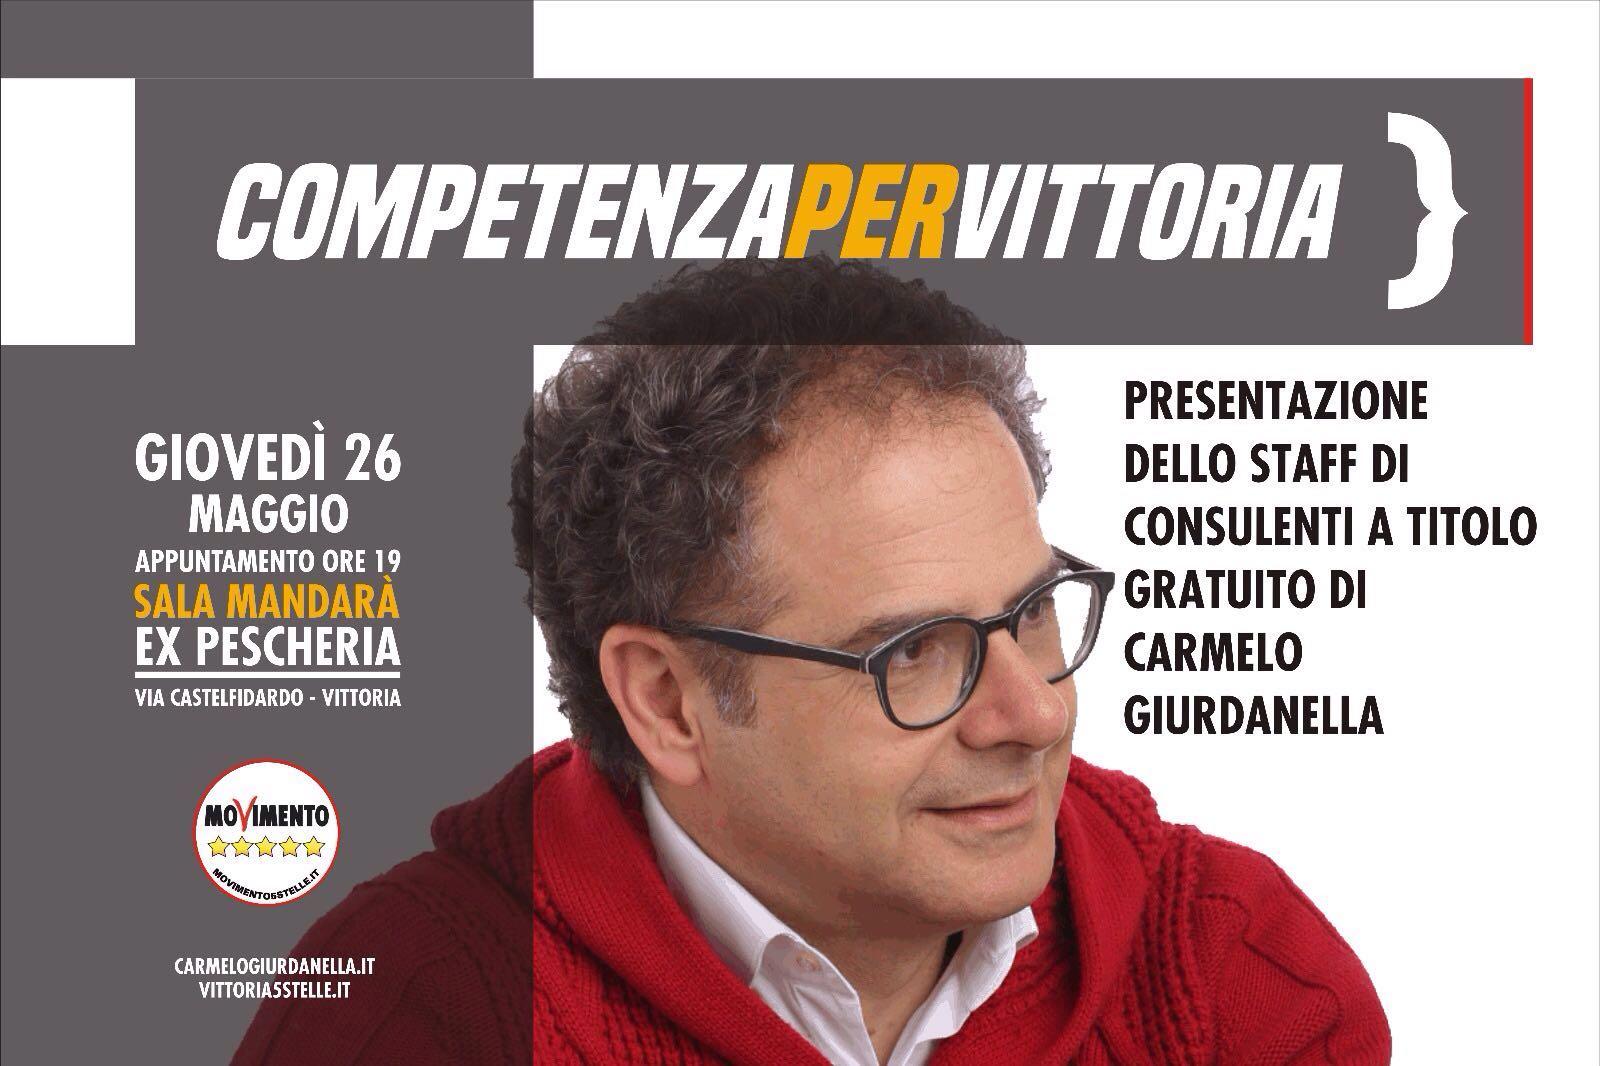 Vittoria. Carmelo Giurdanella presenta lo staff di Consulenti a titolo gratuito